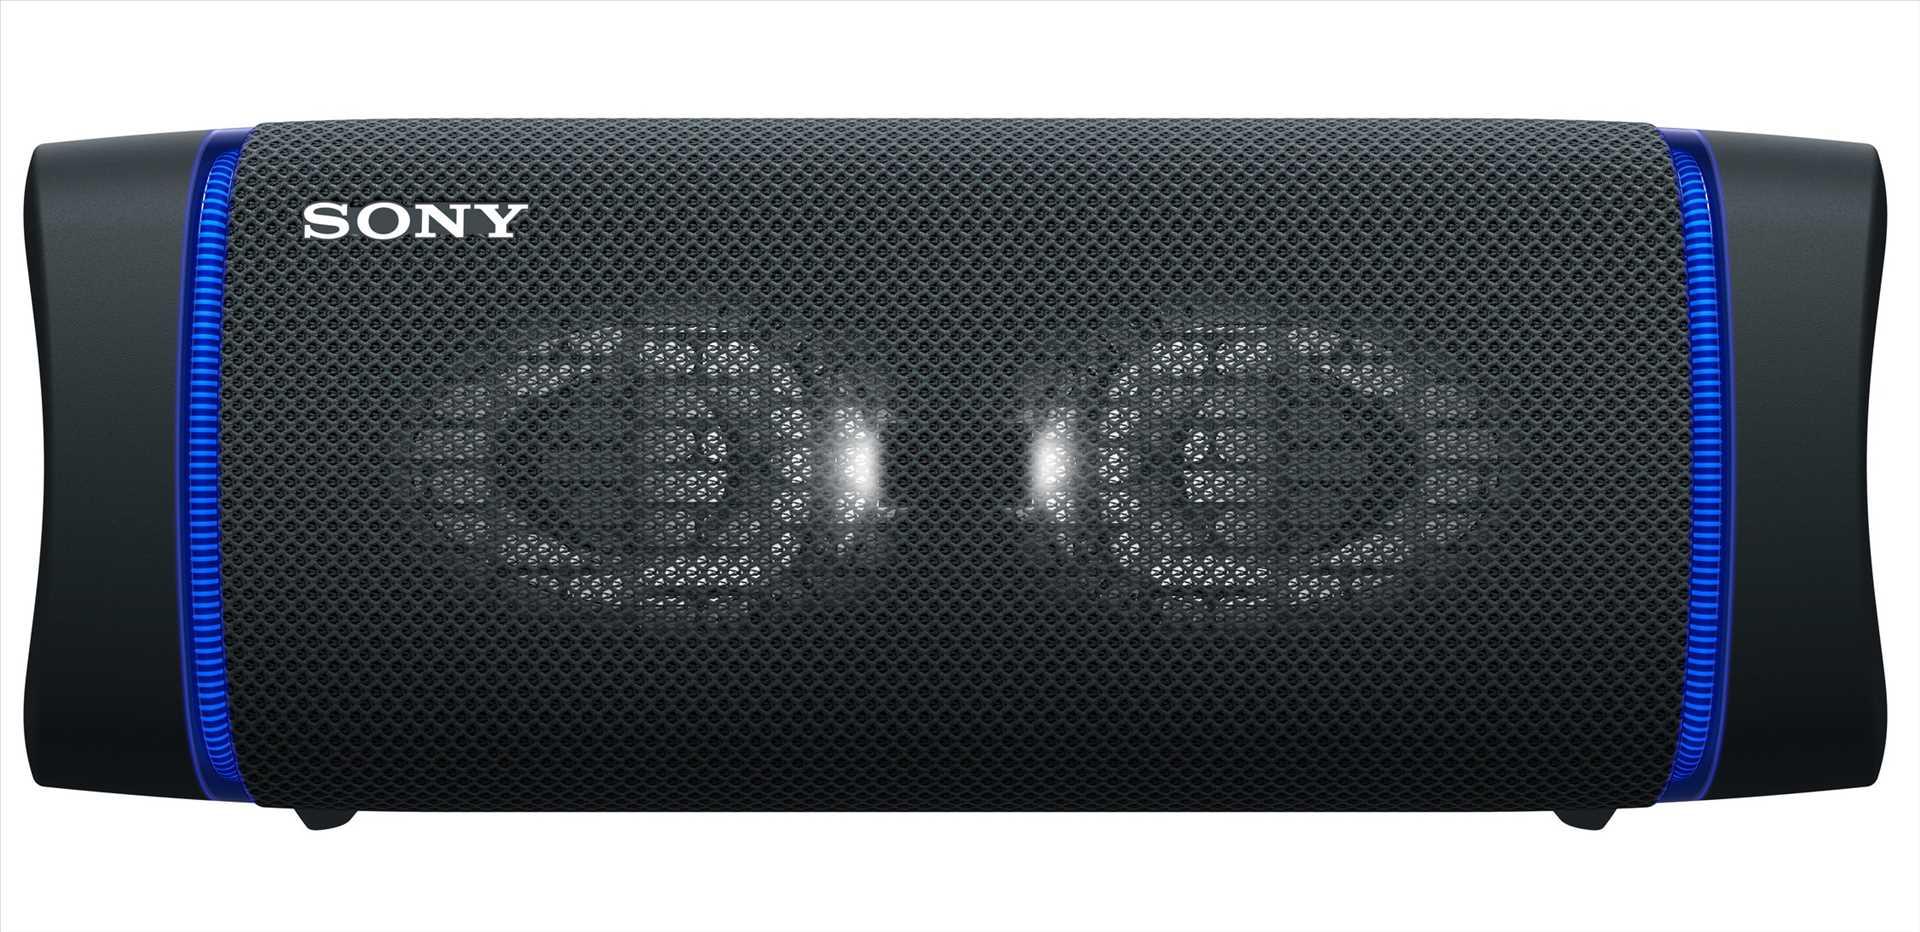 רמקול נייד סוני שחור SONY SRS-XB33B סוני - תמונה 1